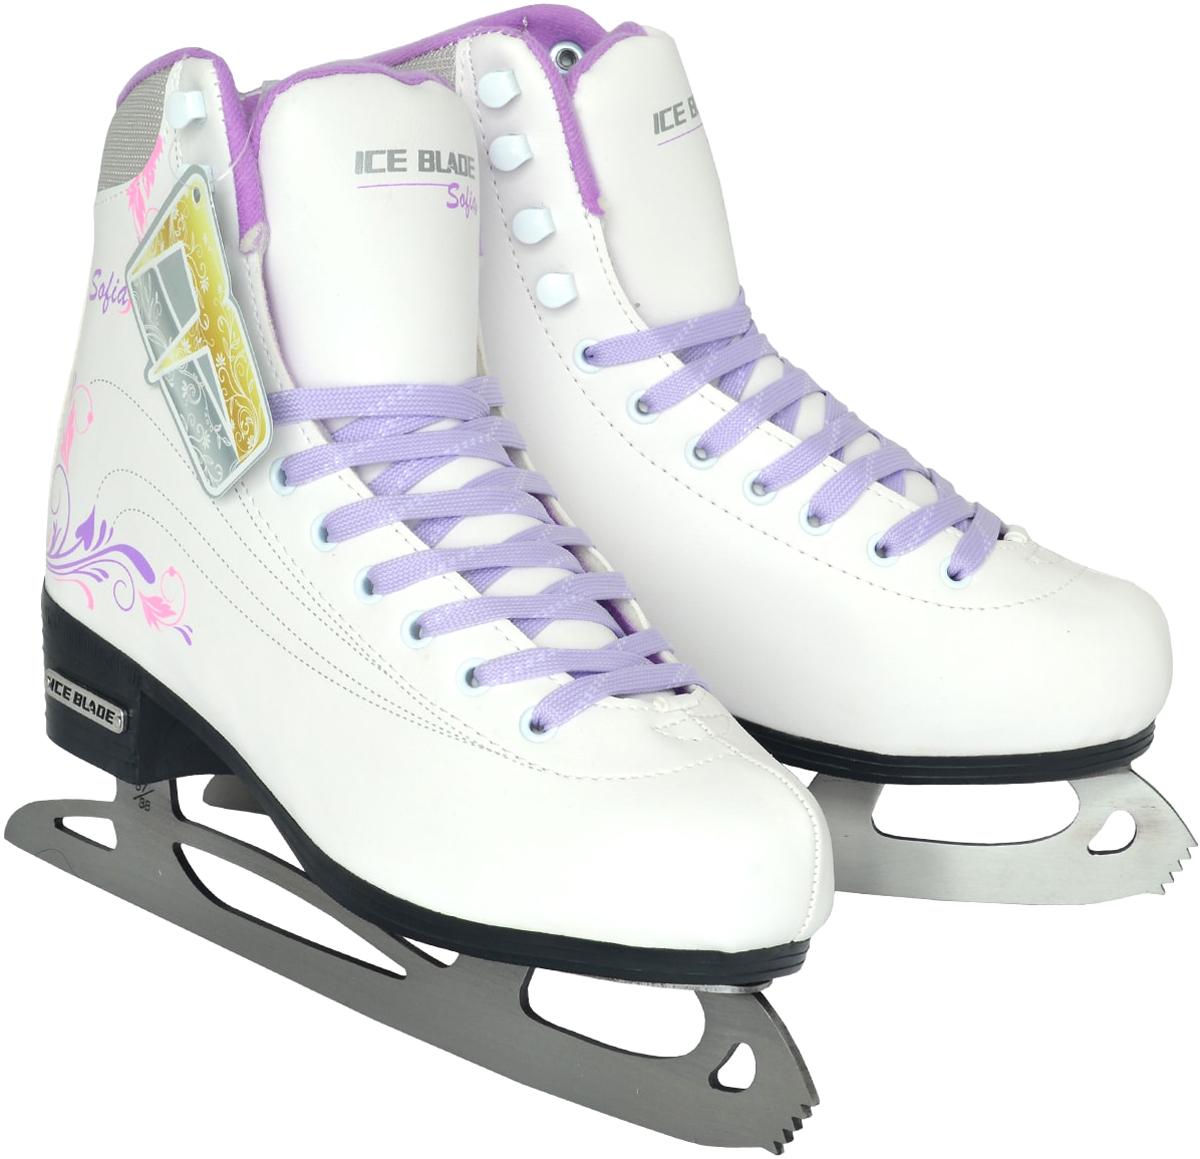 Коньки фигурные женские Ice Blade Sofia, цвет: белый, сиреневый. Размер 32